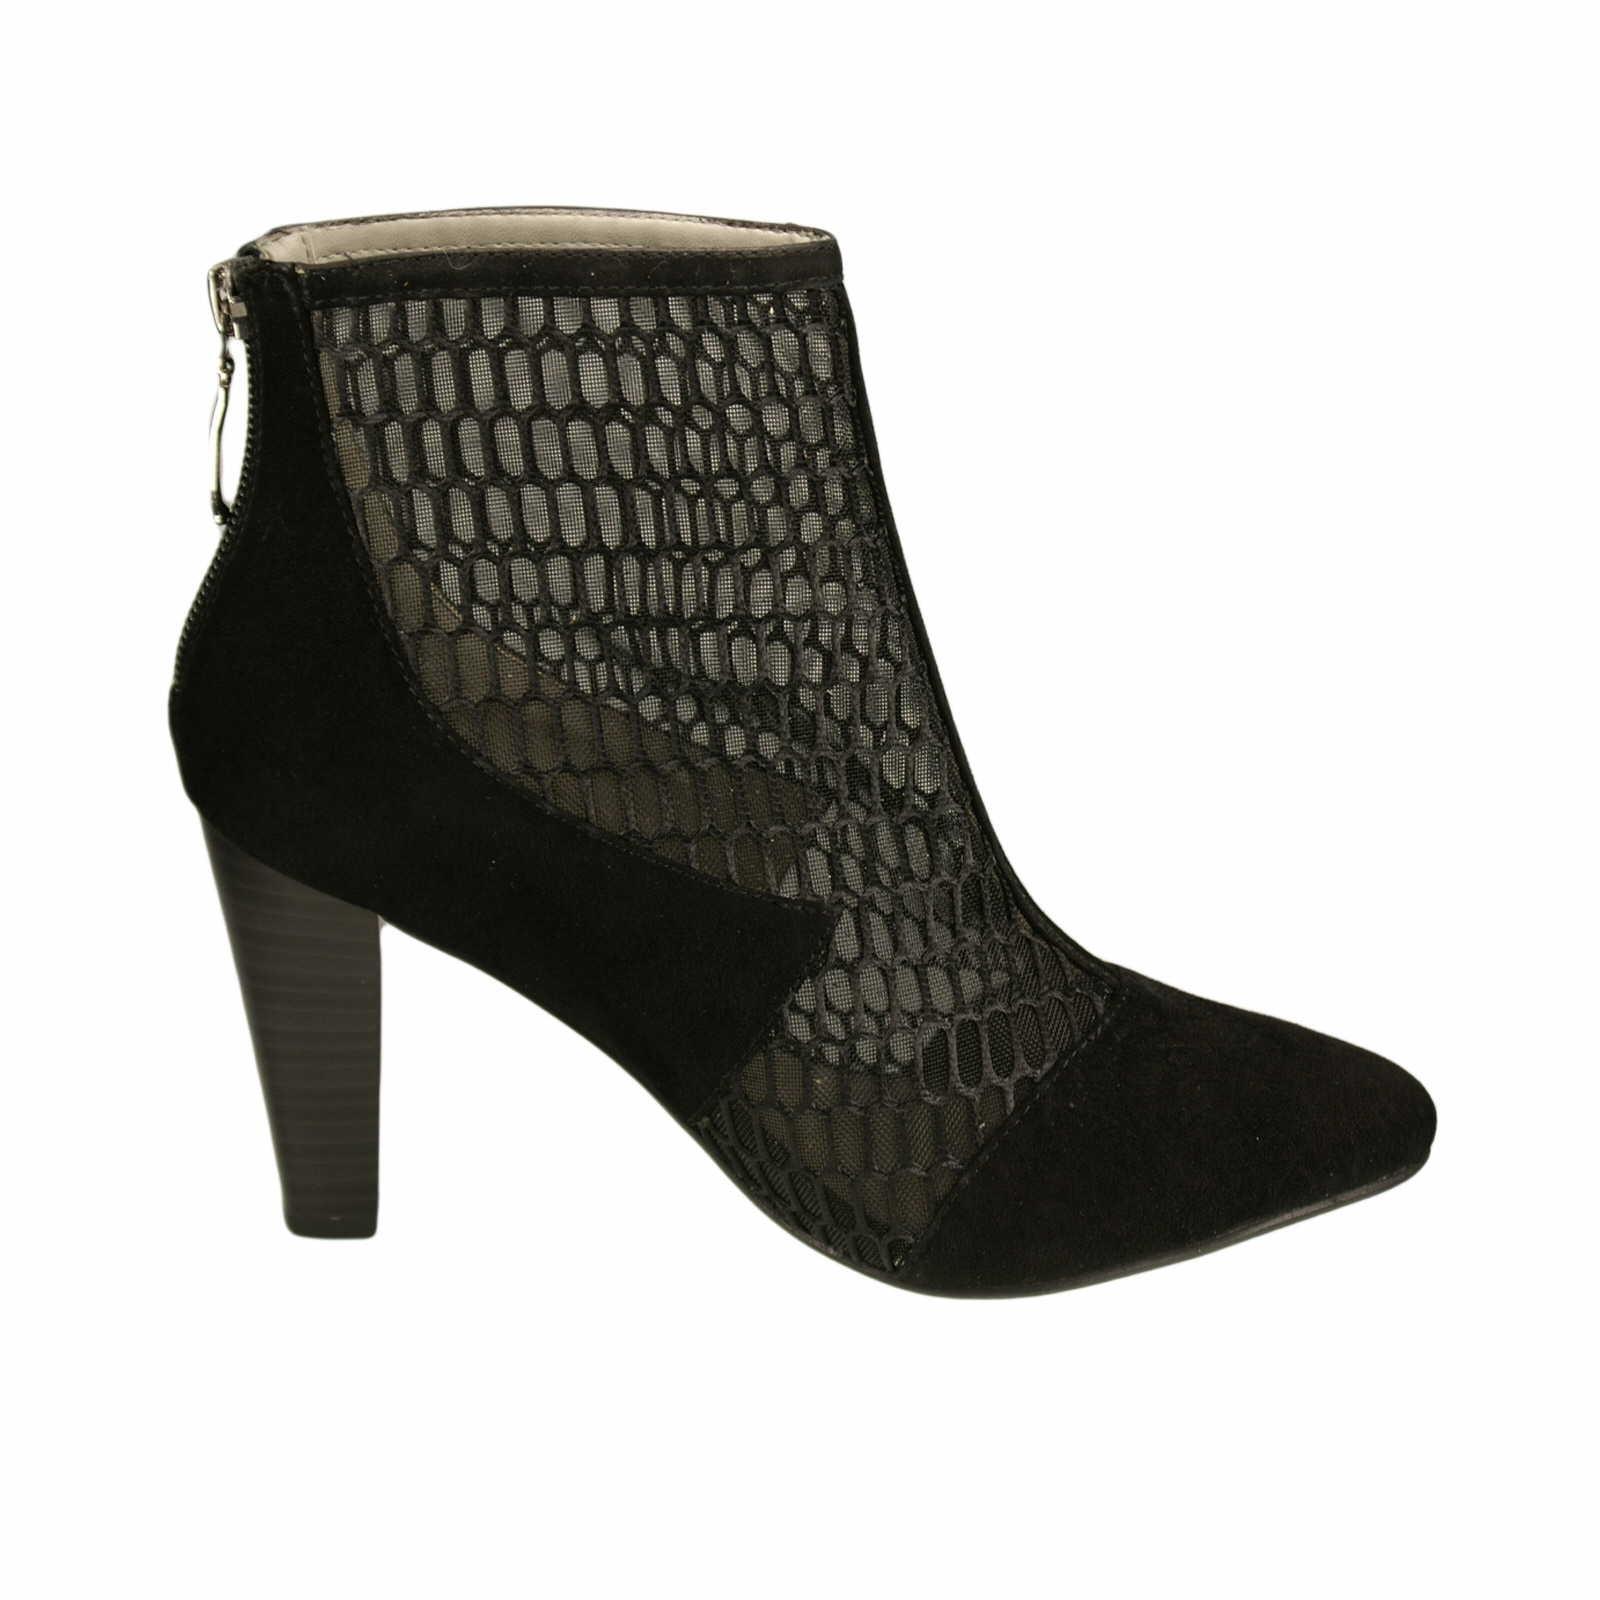 gerry weber shoes schwarz josefine 06 g39916 16 100. Black Bedroom Furniture Sets. Home Design Ideas